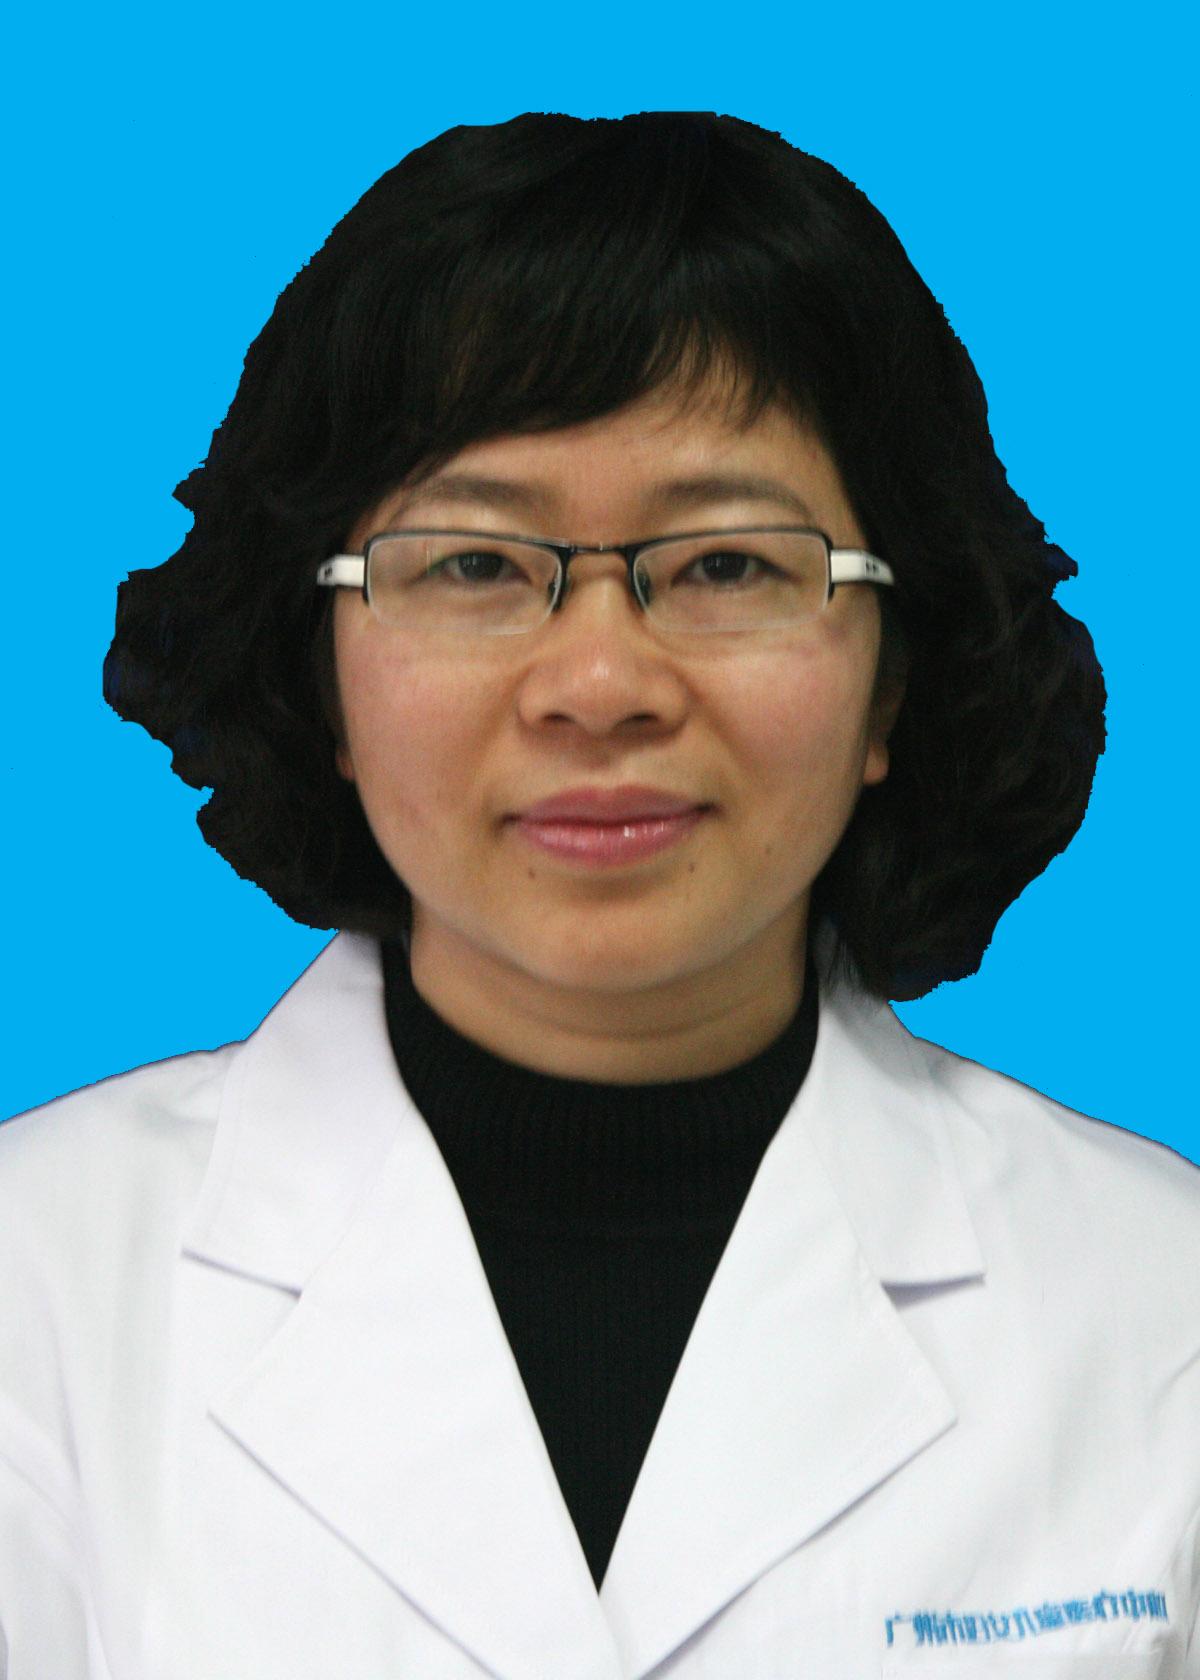 广州市妇女儿童医疗中心教授刘慧姝照片